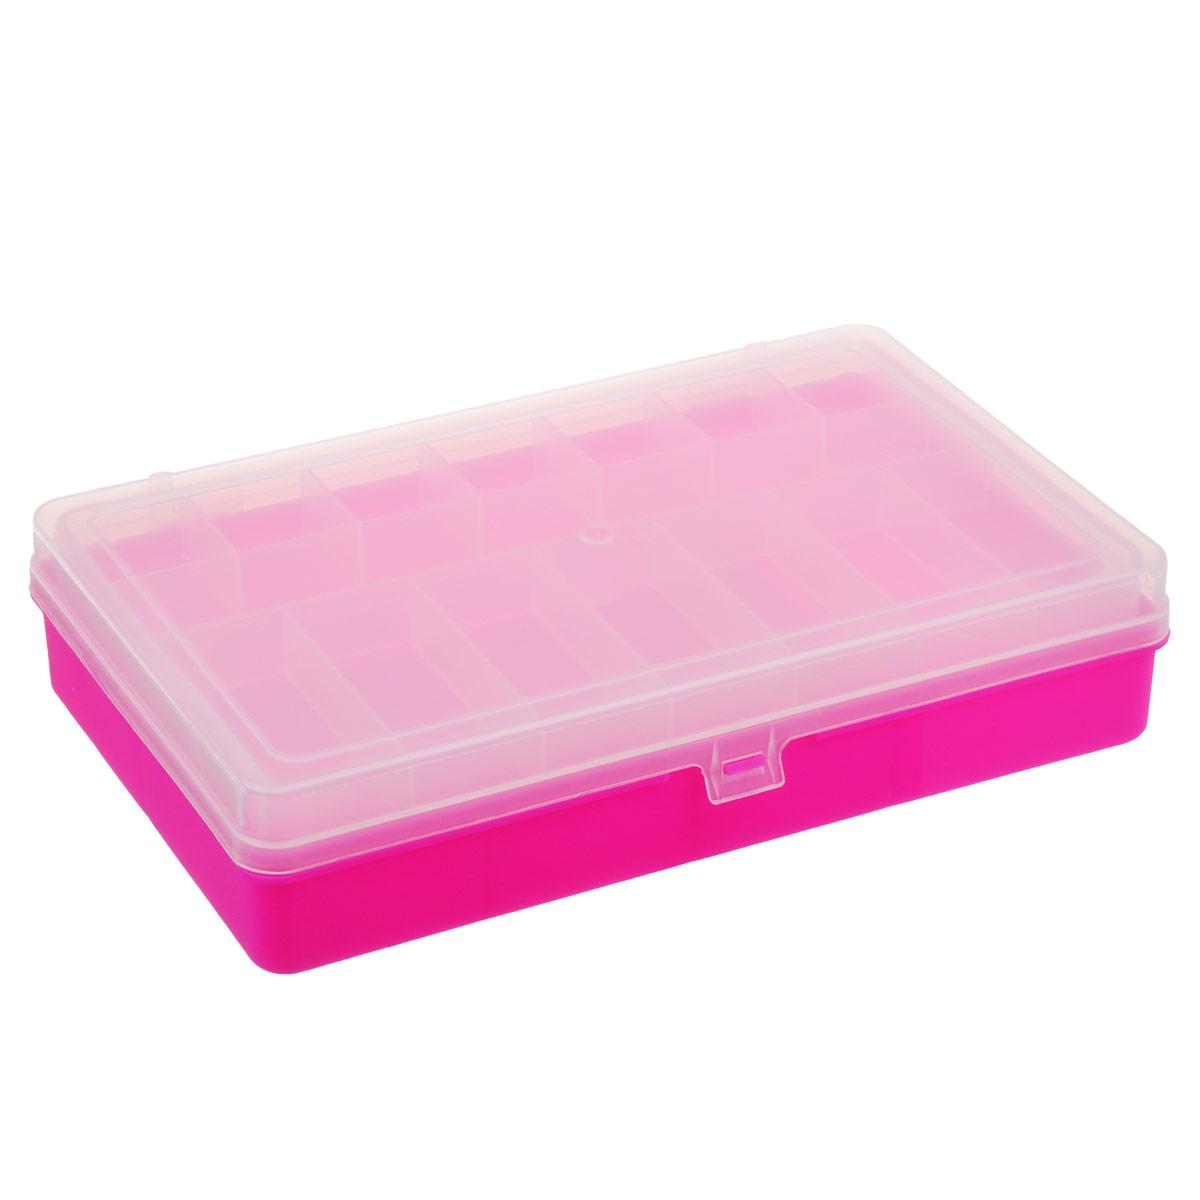 Коробка для мелочей Trivol, двухъярусная, цвет: розовый, 23,5 х 15 х 5 см525824_розовыйДвухъярусная коробка для мелочей Trivol изготовлена из высококачественного пластика. Прозрачная крышка позволяет видеть содержимое коробки. Изделие имеет два яруса. Верхний ярус представляет собой съемное отделение, в котором содержится 15 прямоугольных ячеек. Нижний ярус имеет 7 ячеек разного размера. Коробка прекрасно подойдет для хранения швейных принадлежностей, рыболовных снастей, мелких деталей и других бытовых мелочей. Удобный и надежный замок-защелка обеспечивает надежное закрывание крышки. Коробка легко моется и чистится. Такая коробка поможет держать вещи в порядке. Размер самой маленькой ячейки: 3,5 см х 3 см х 1,7 см. Размер самой большой ячейки: 7,5 см х 11 см х 3,5 см.